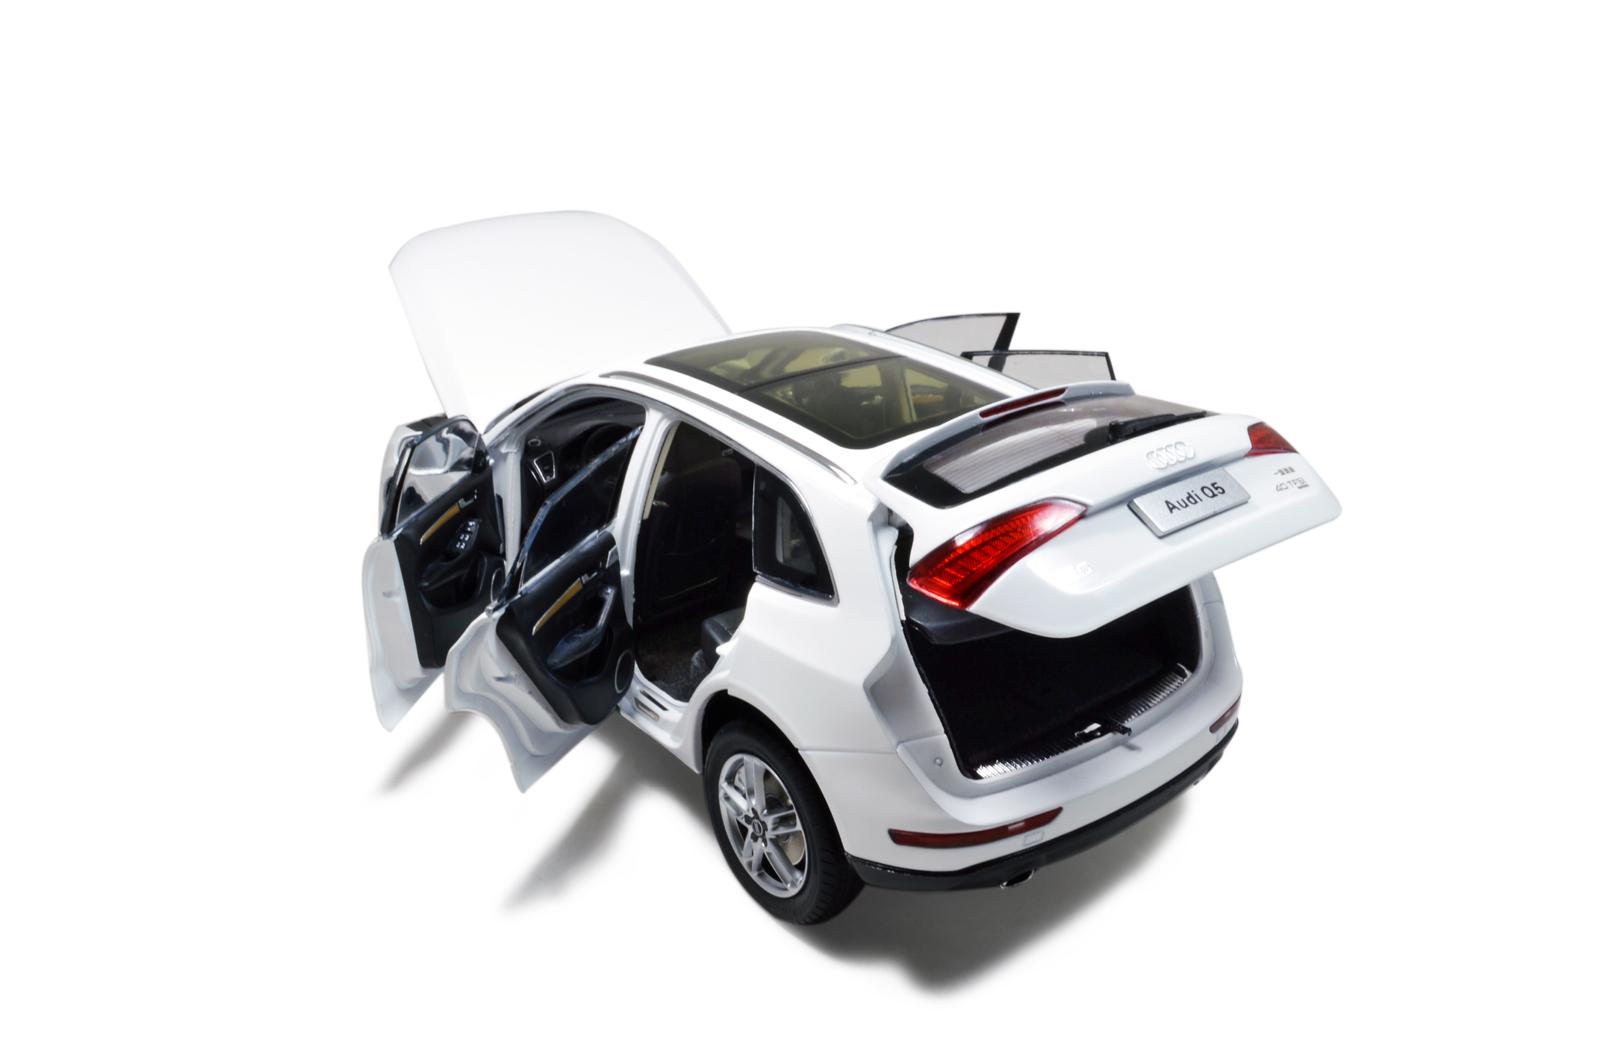 Audi Q5 2014 1/18 Scale Diecast Model Car Wholesale 7